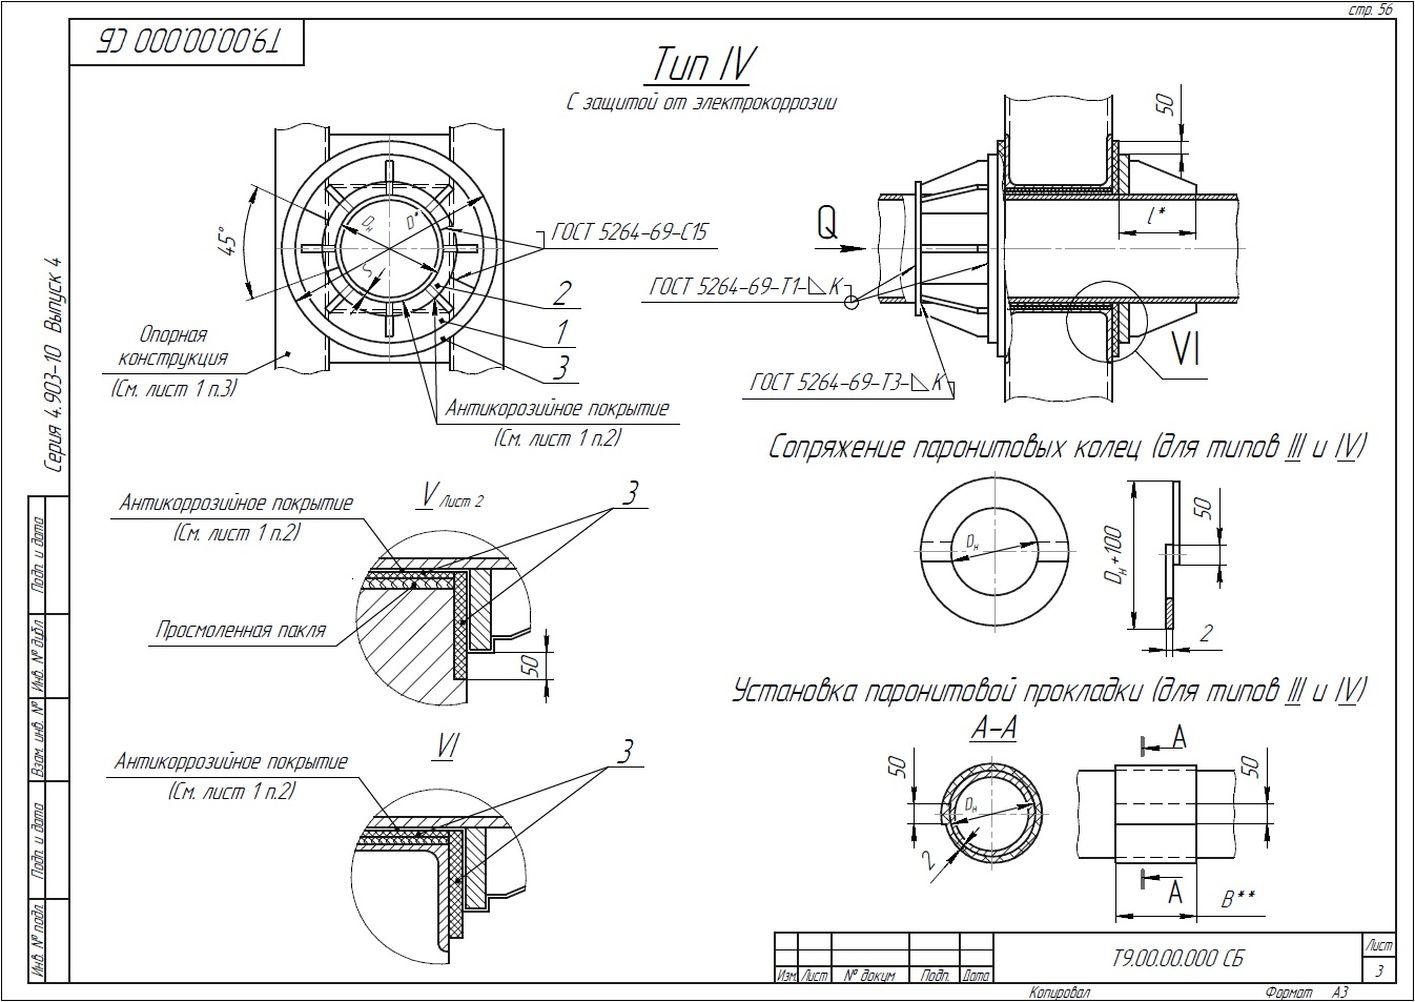 Опора неподвижная щитовая усиленная Т9 серия 4.903-10 вып.4 стр.3